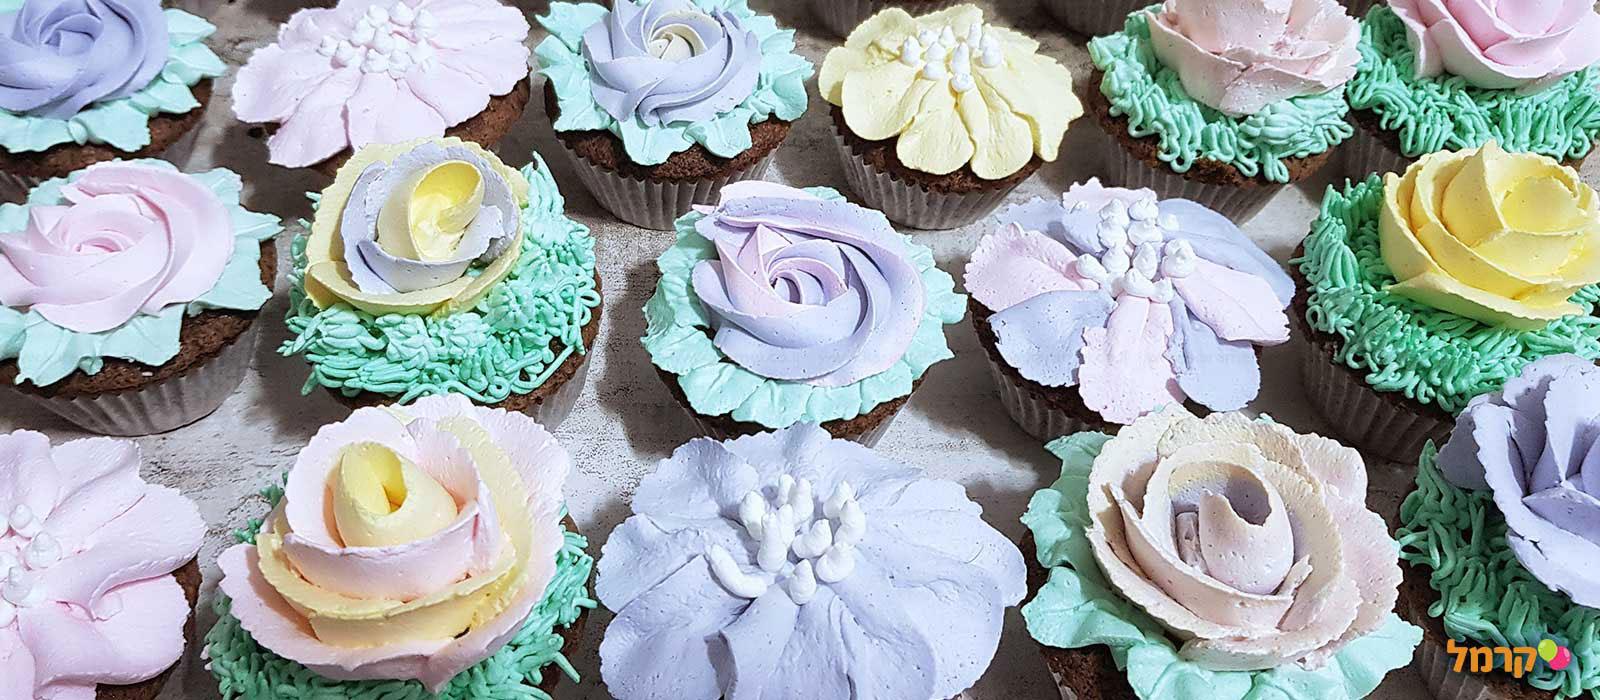 העוגות והעוגיות של מיכל - 073-7840261